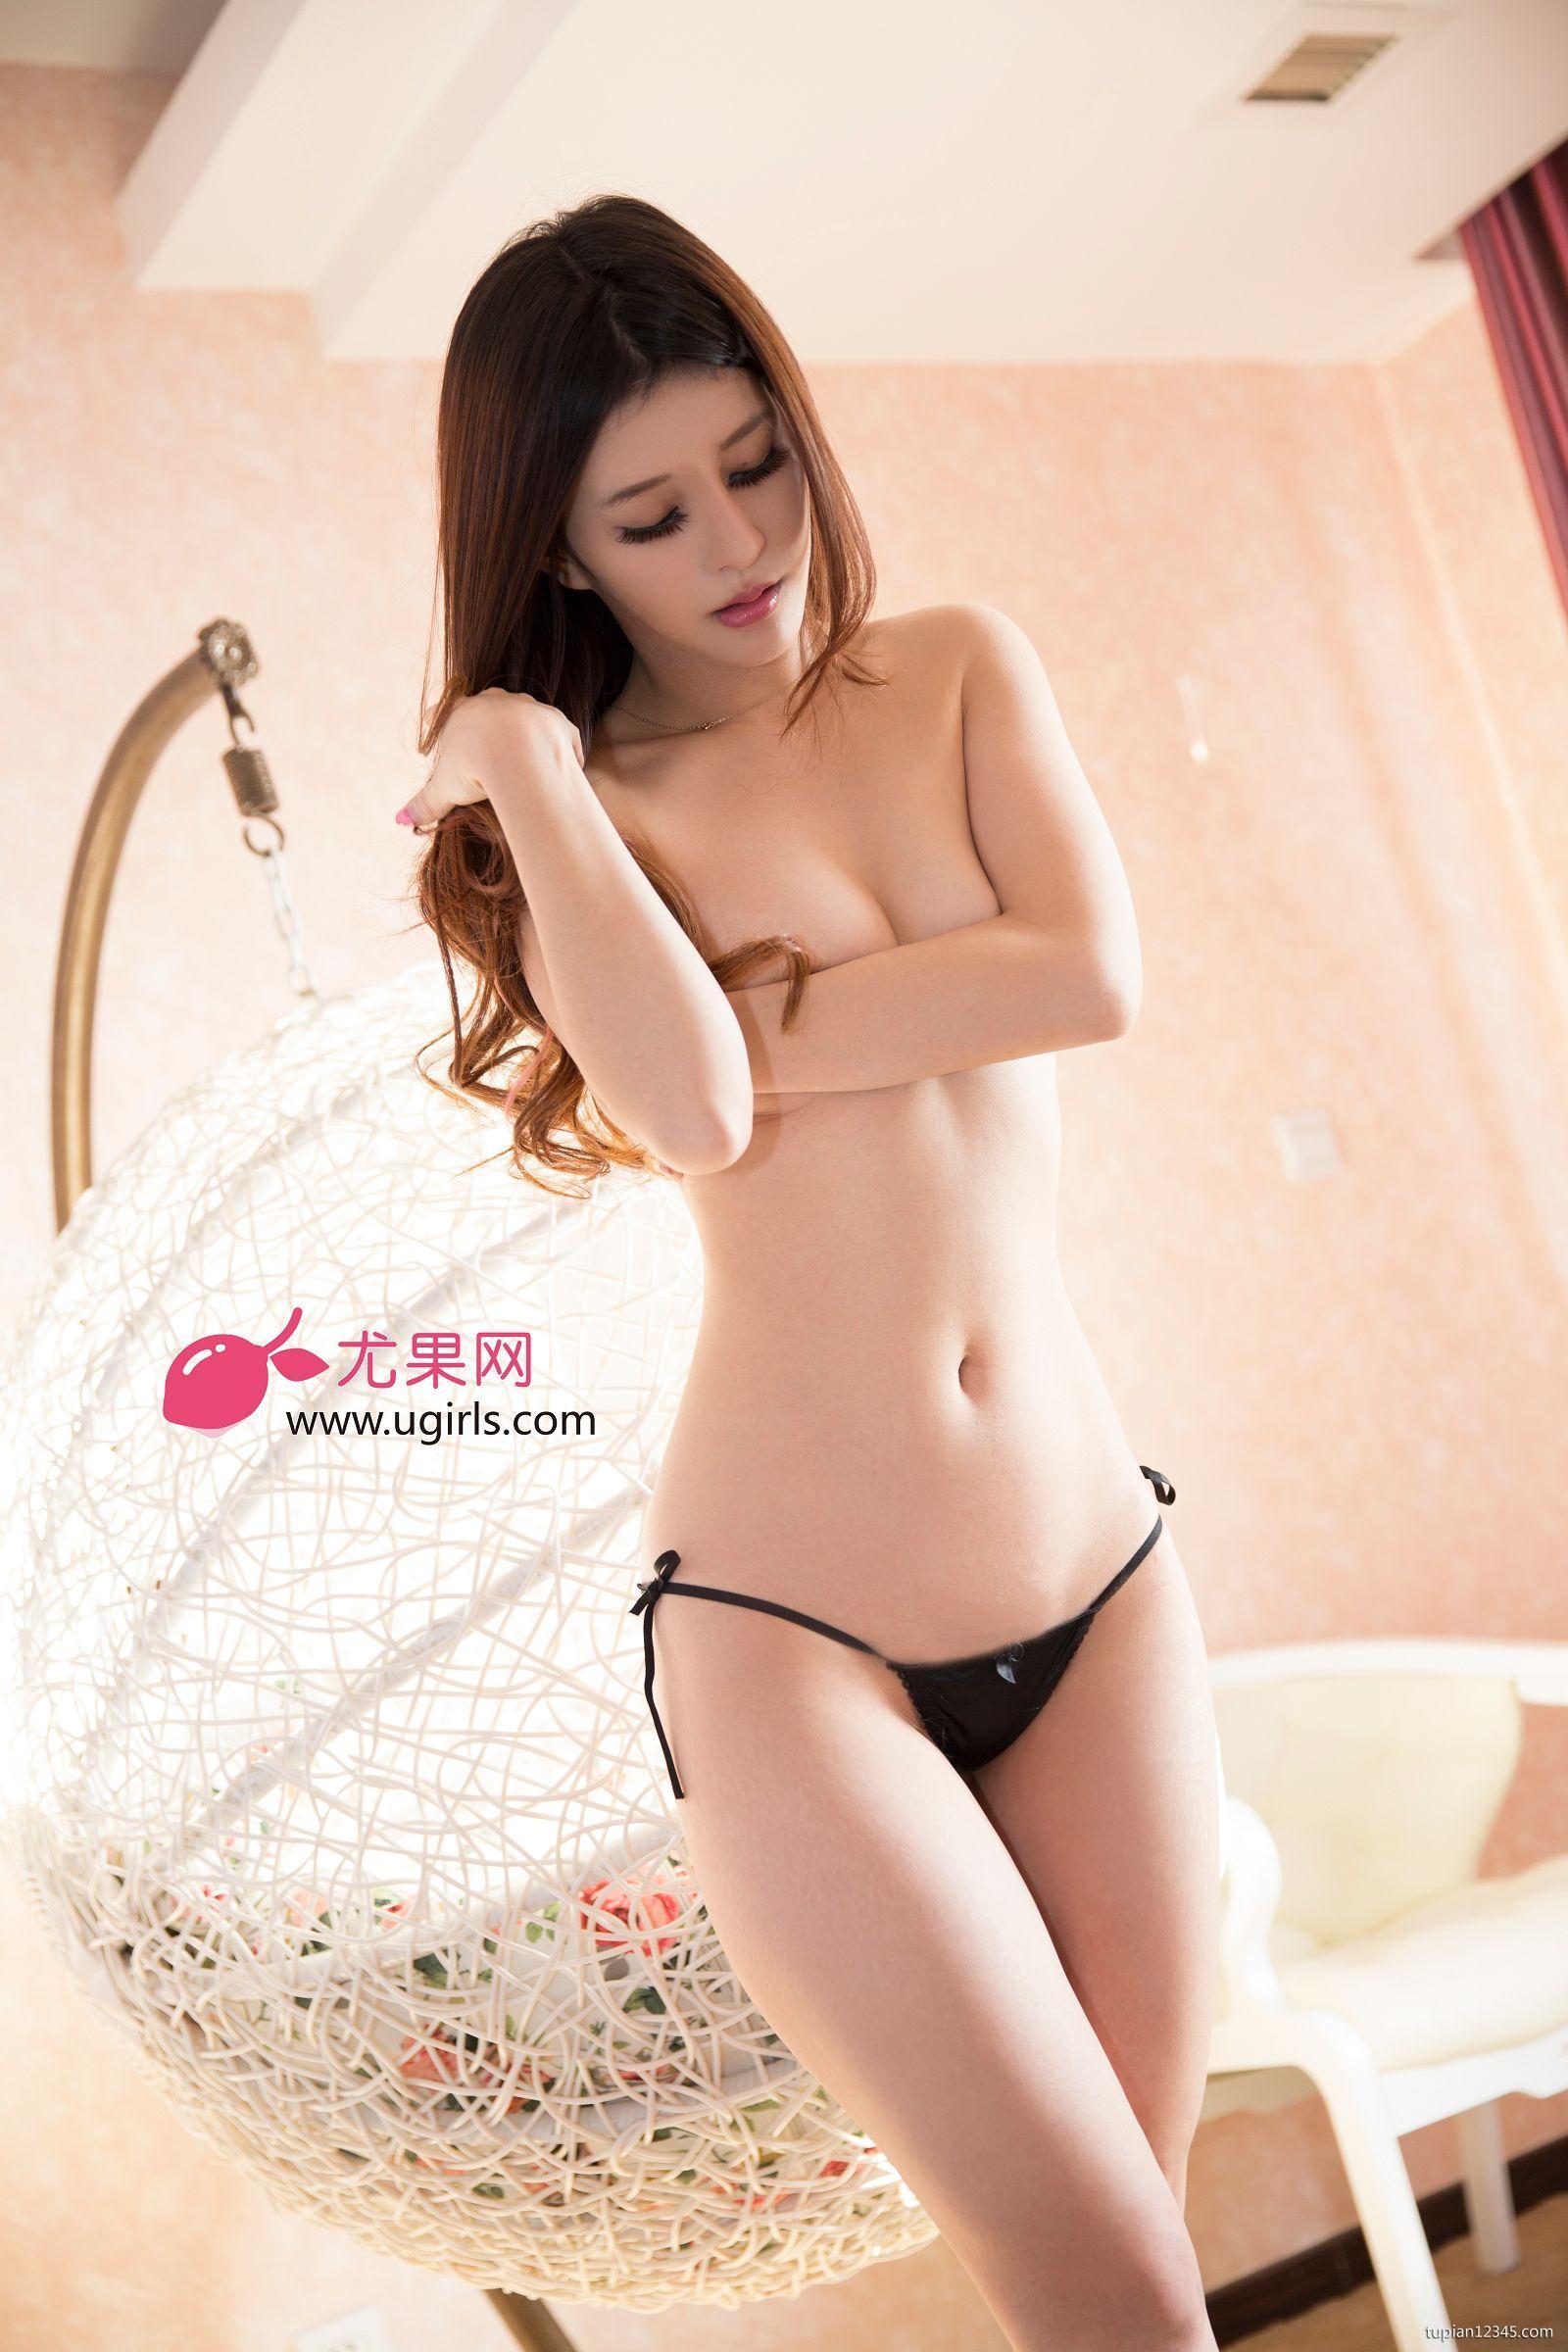 Xem hình em người mẫu khỏa thân hoàn toàn vú to chân dài mặt cực xinh